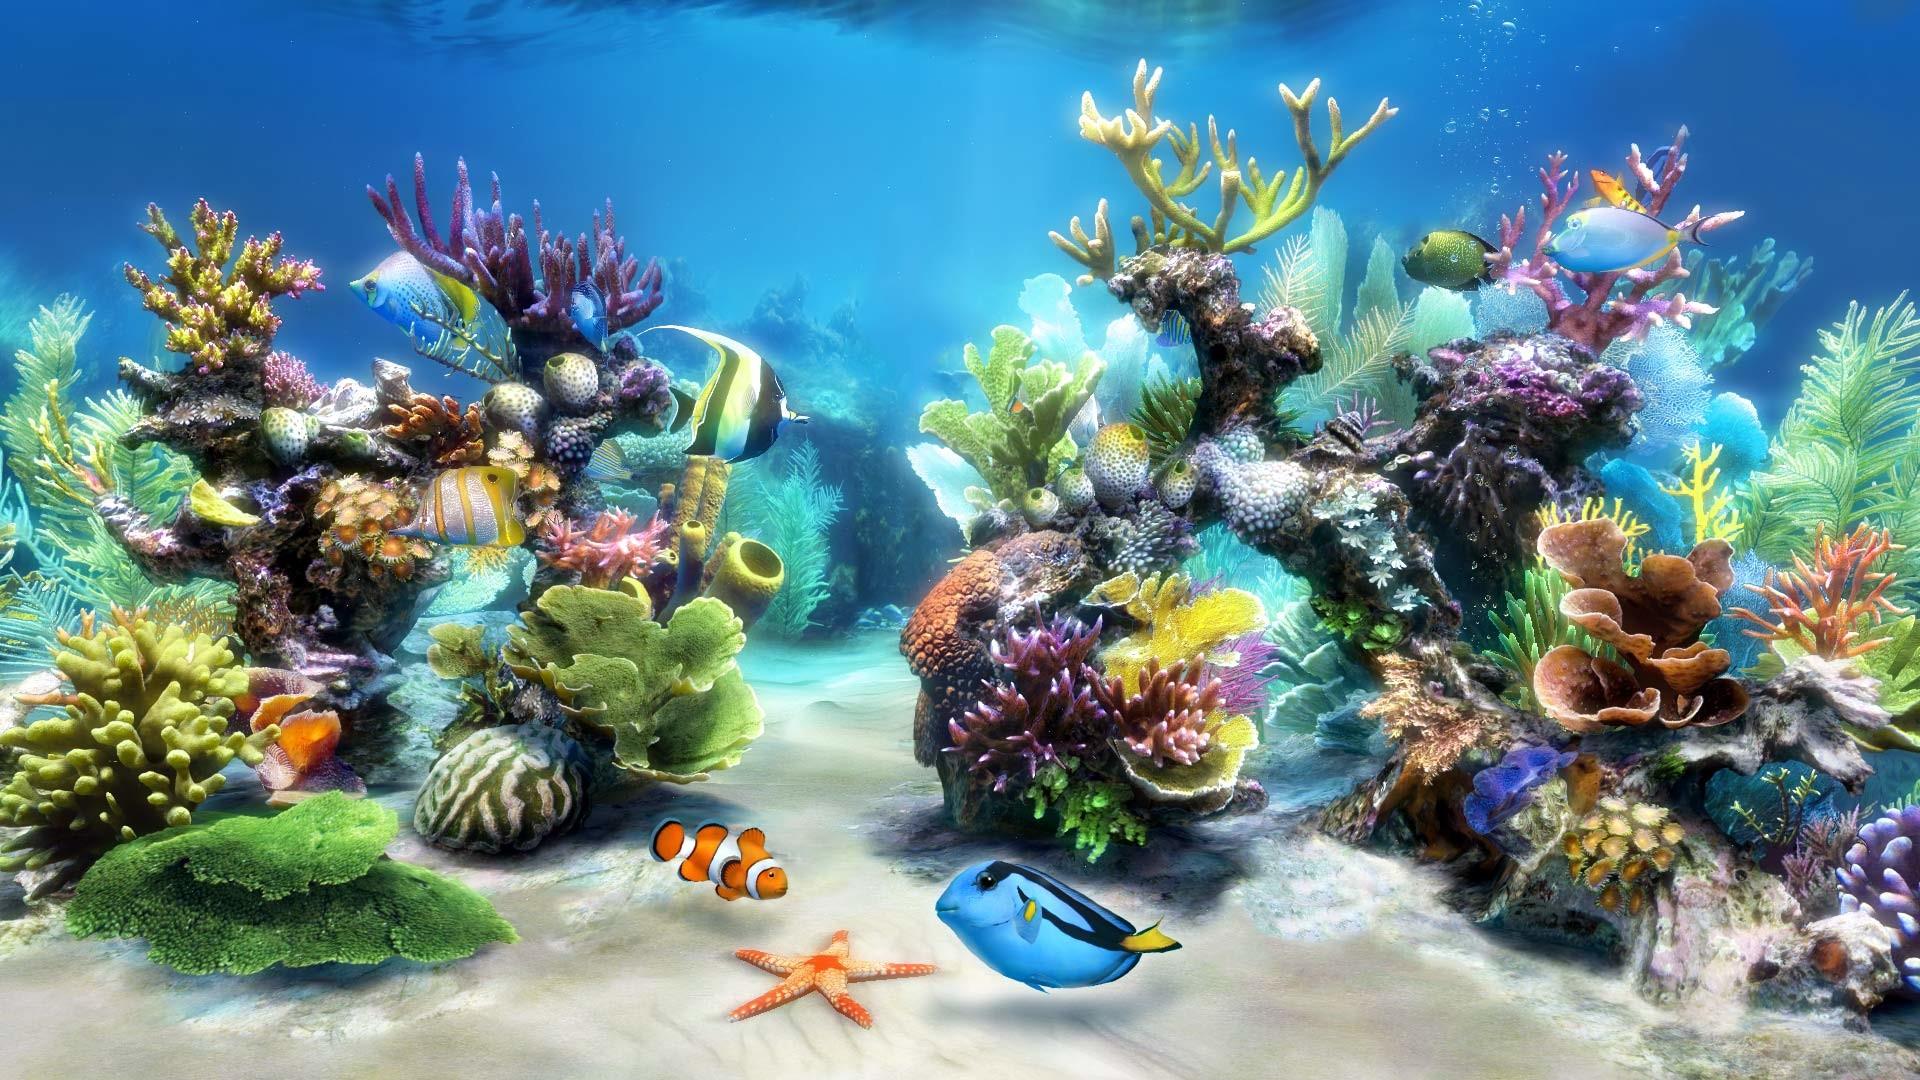 Live Aquarium Wallpaper Hd Wallpaper Desktop Hd